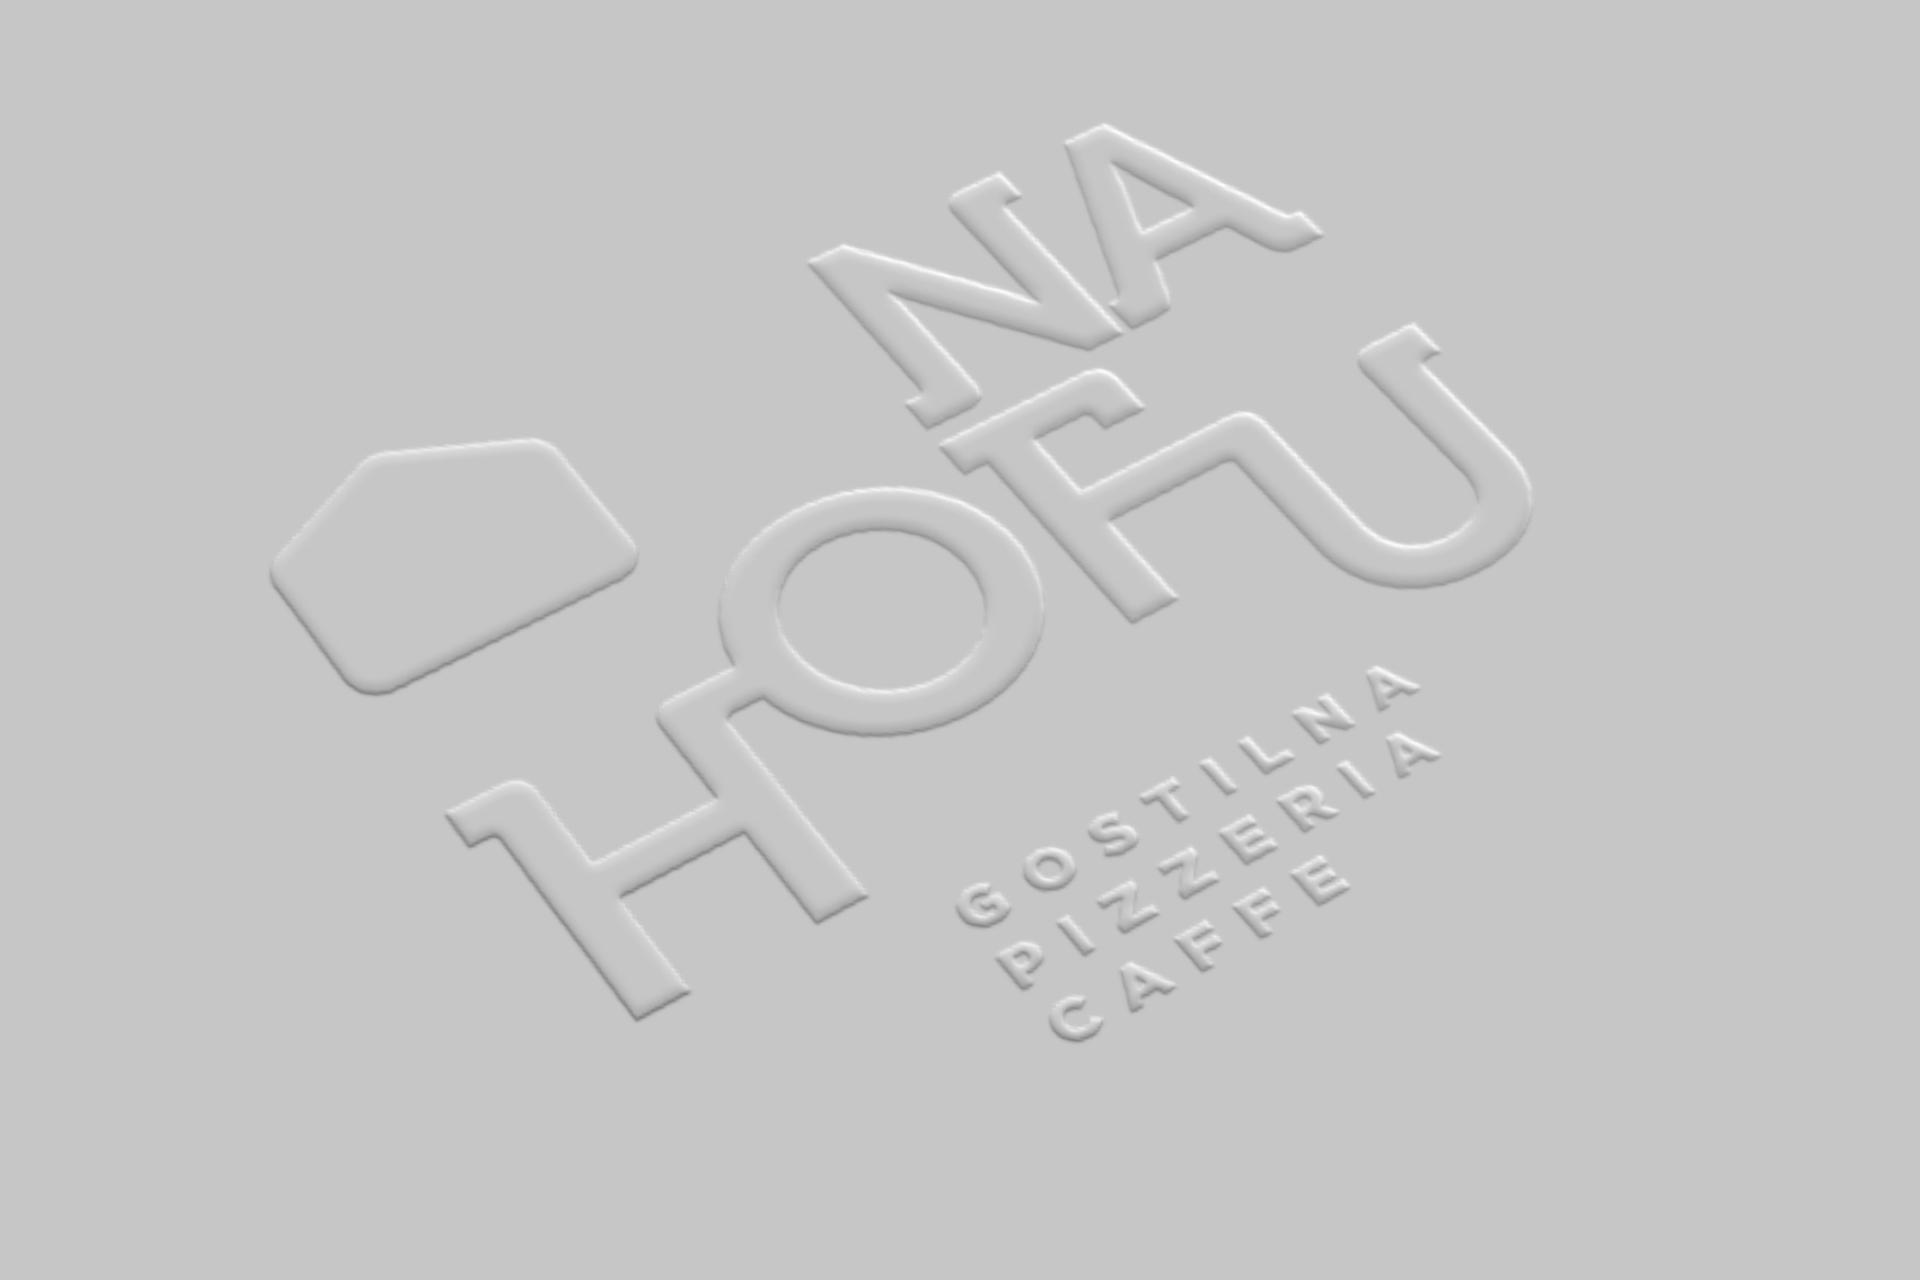 na_hofu_vizualna_podoba_marko_marinsek_ma-ma_studio_cgp_19_6